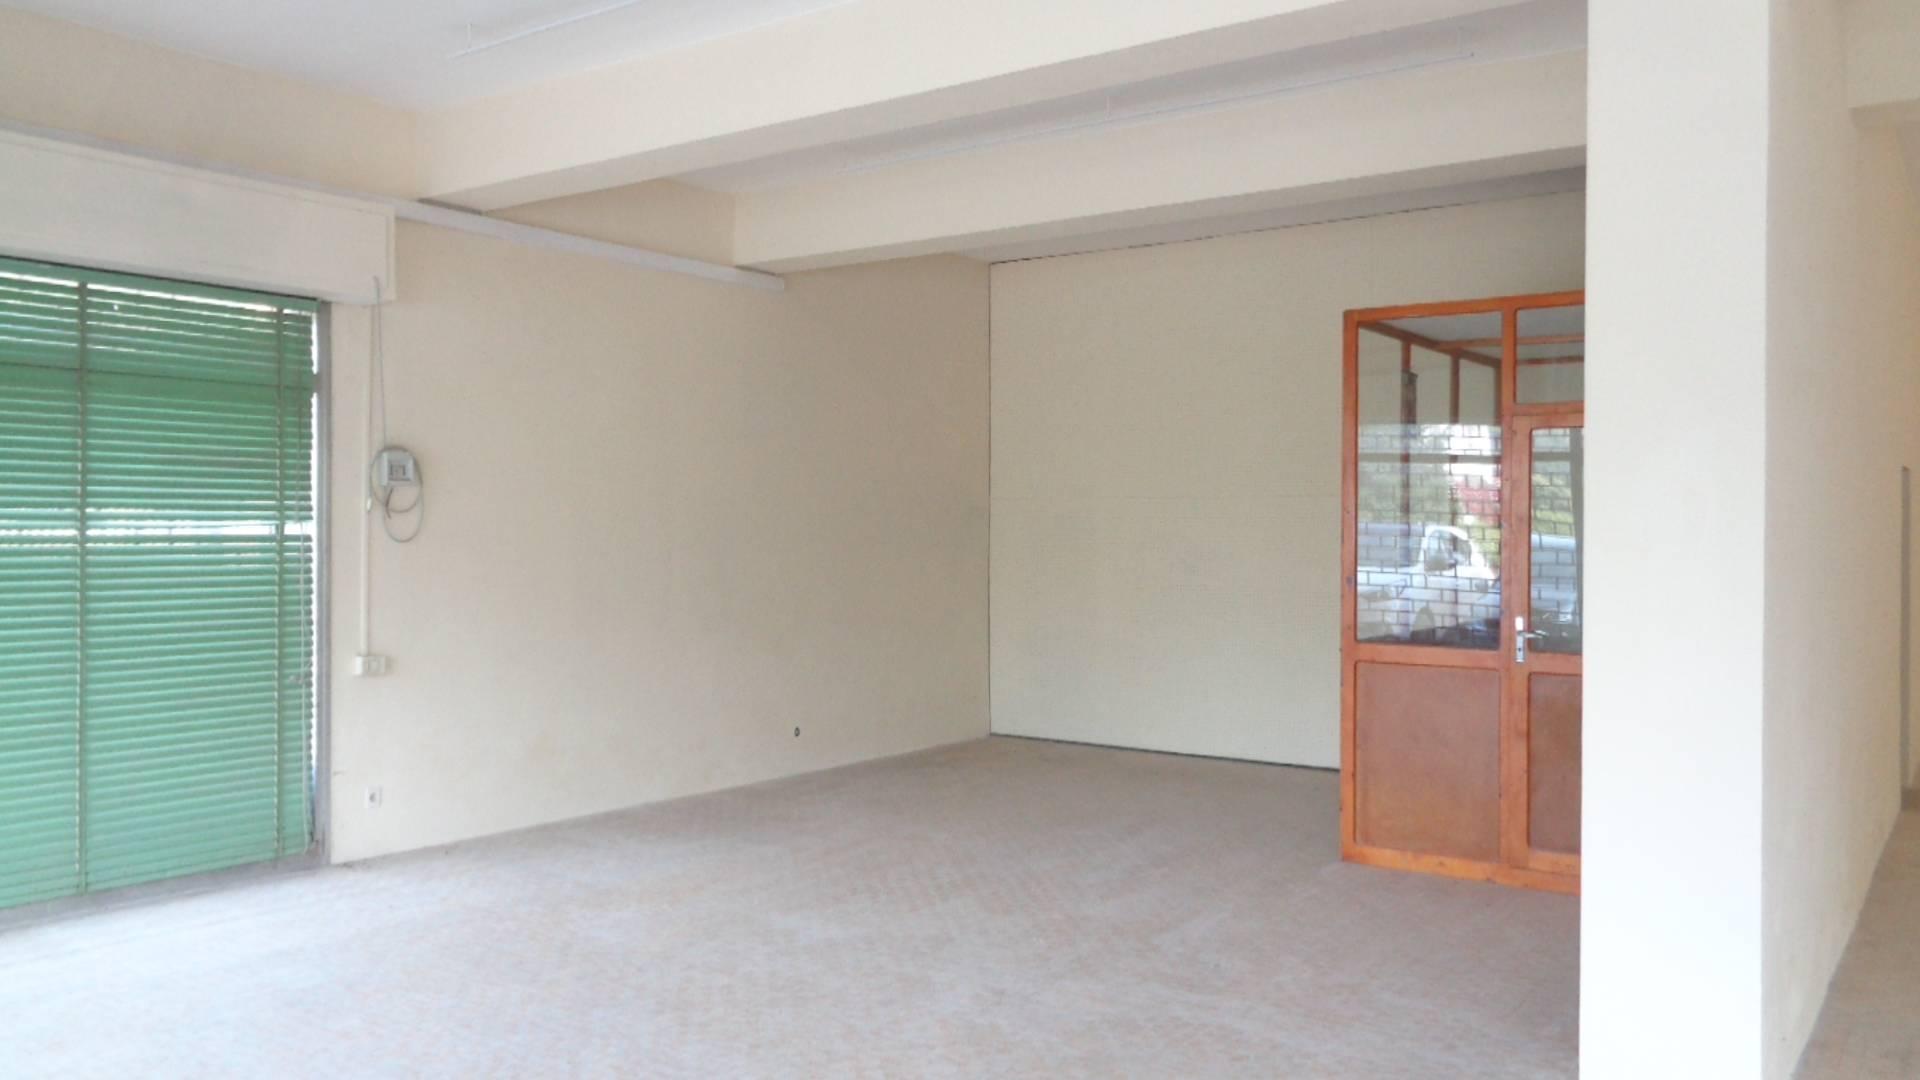 Negozio / Locale in affitto a Portomaggiore, 3 locali, zona Zona: Gambulaga, prezzo € 1.100 | CambioCasa.it